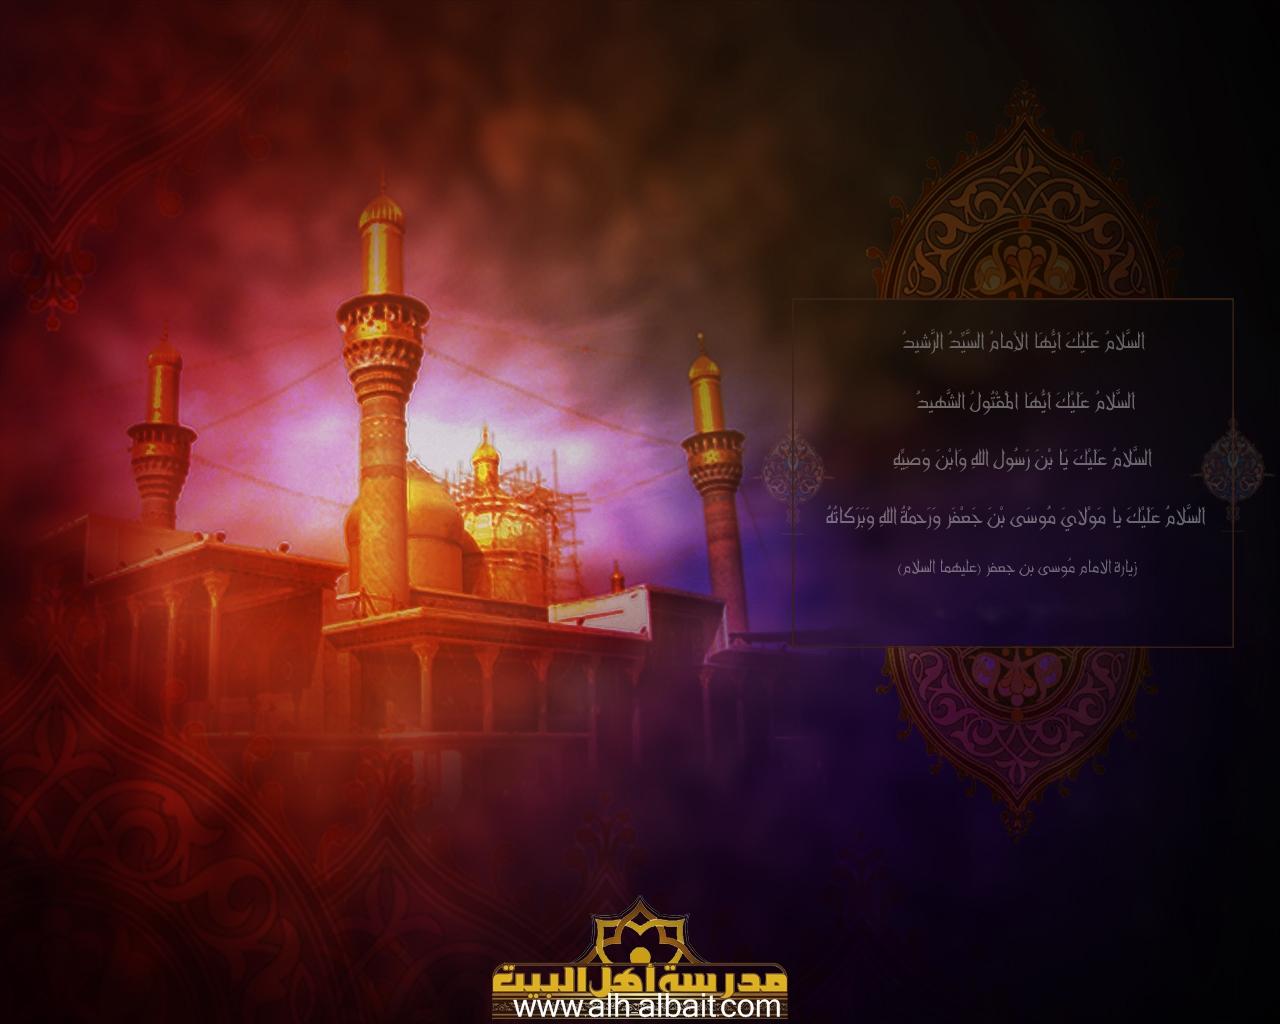 حياة الإمام الكاظم عليه السلام نبراس وضاء مدرسة أهل البيت عليهم